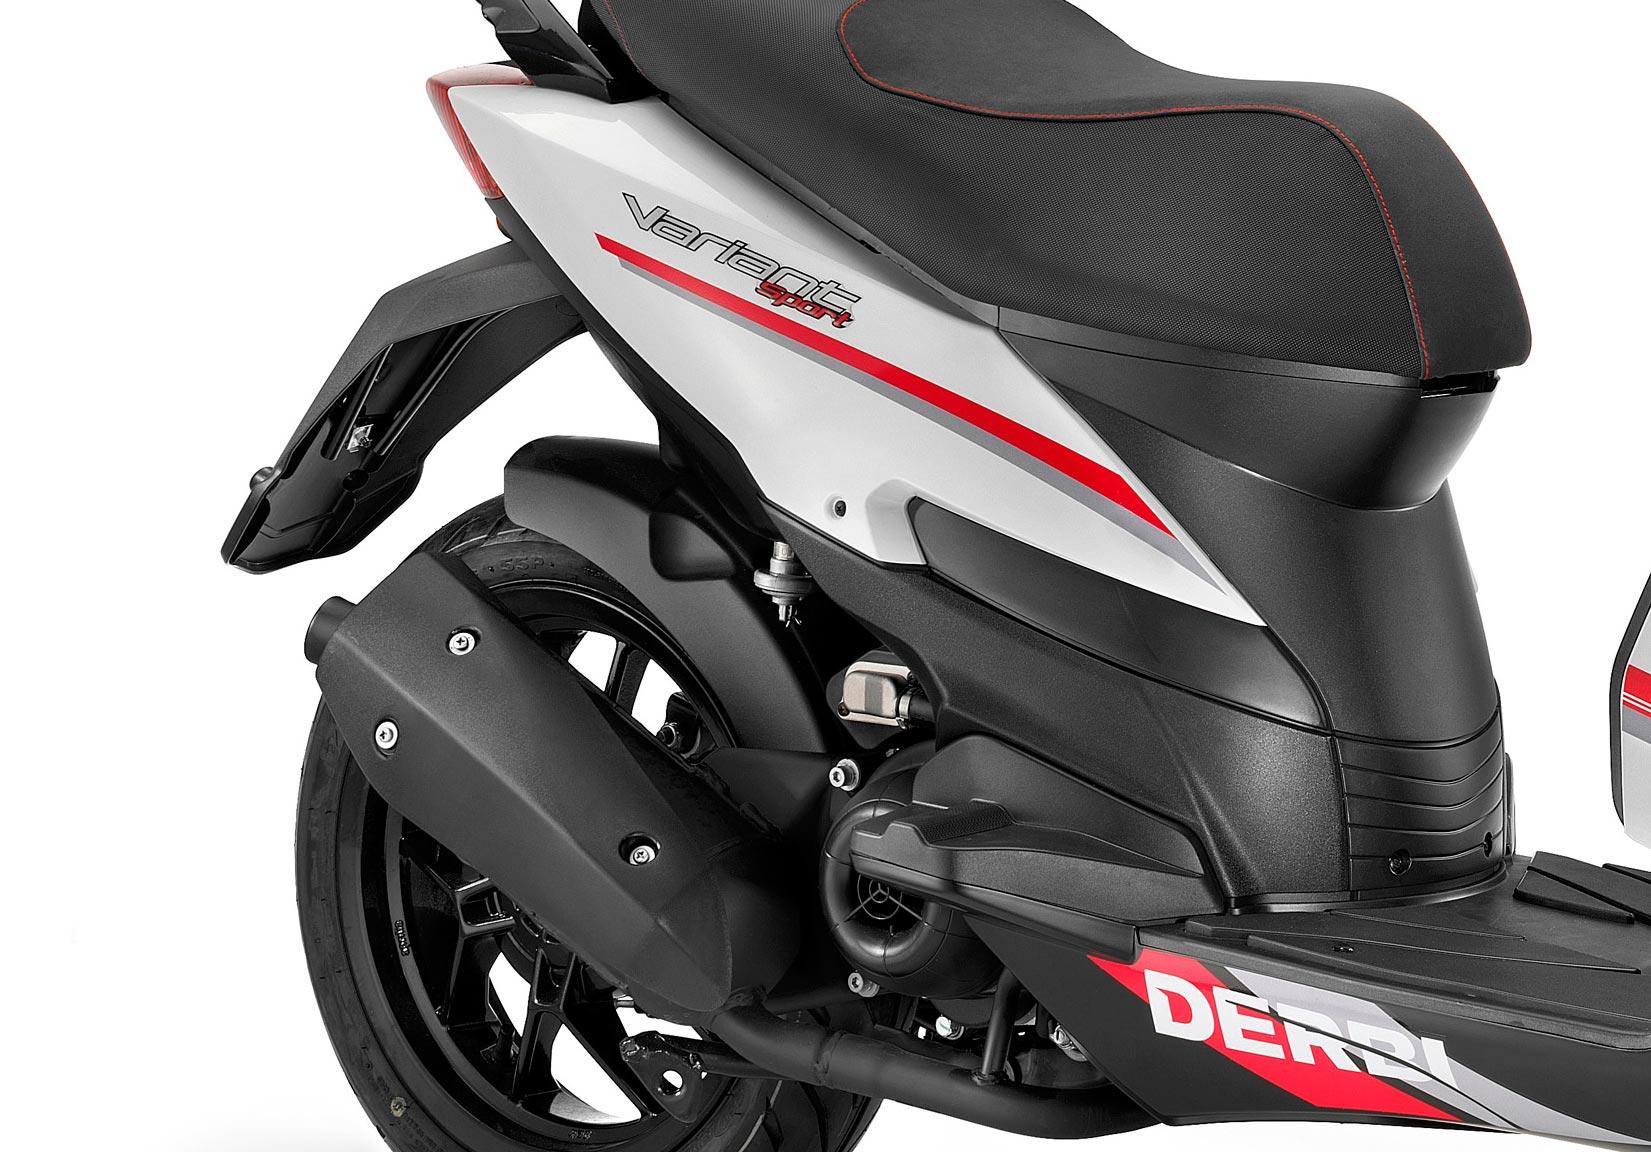 gebrauchte und neue derbi v sport 125 motorr der kaufen. Black Bedroom Furniture Sets. Home Design Ideas